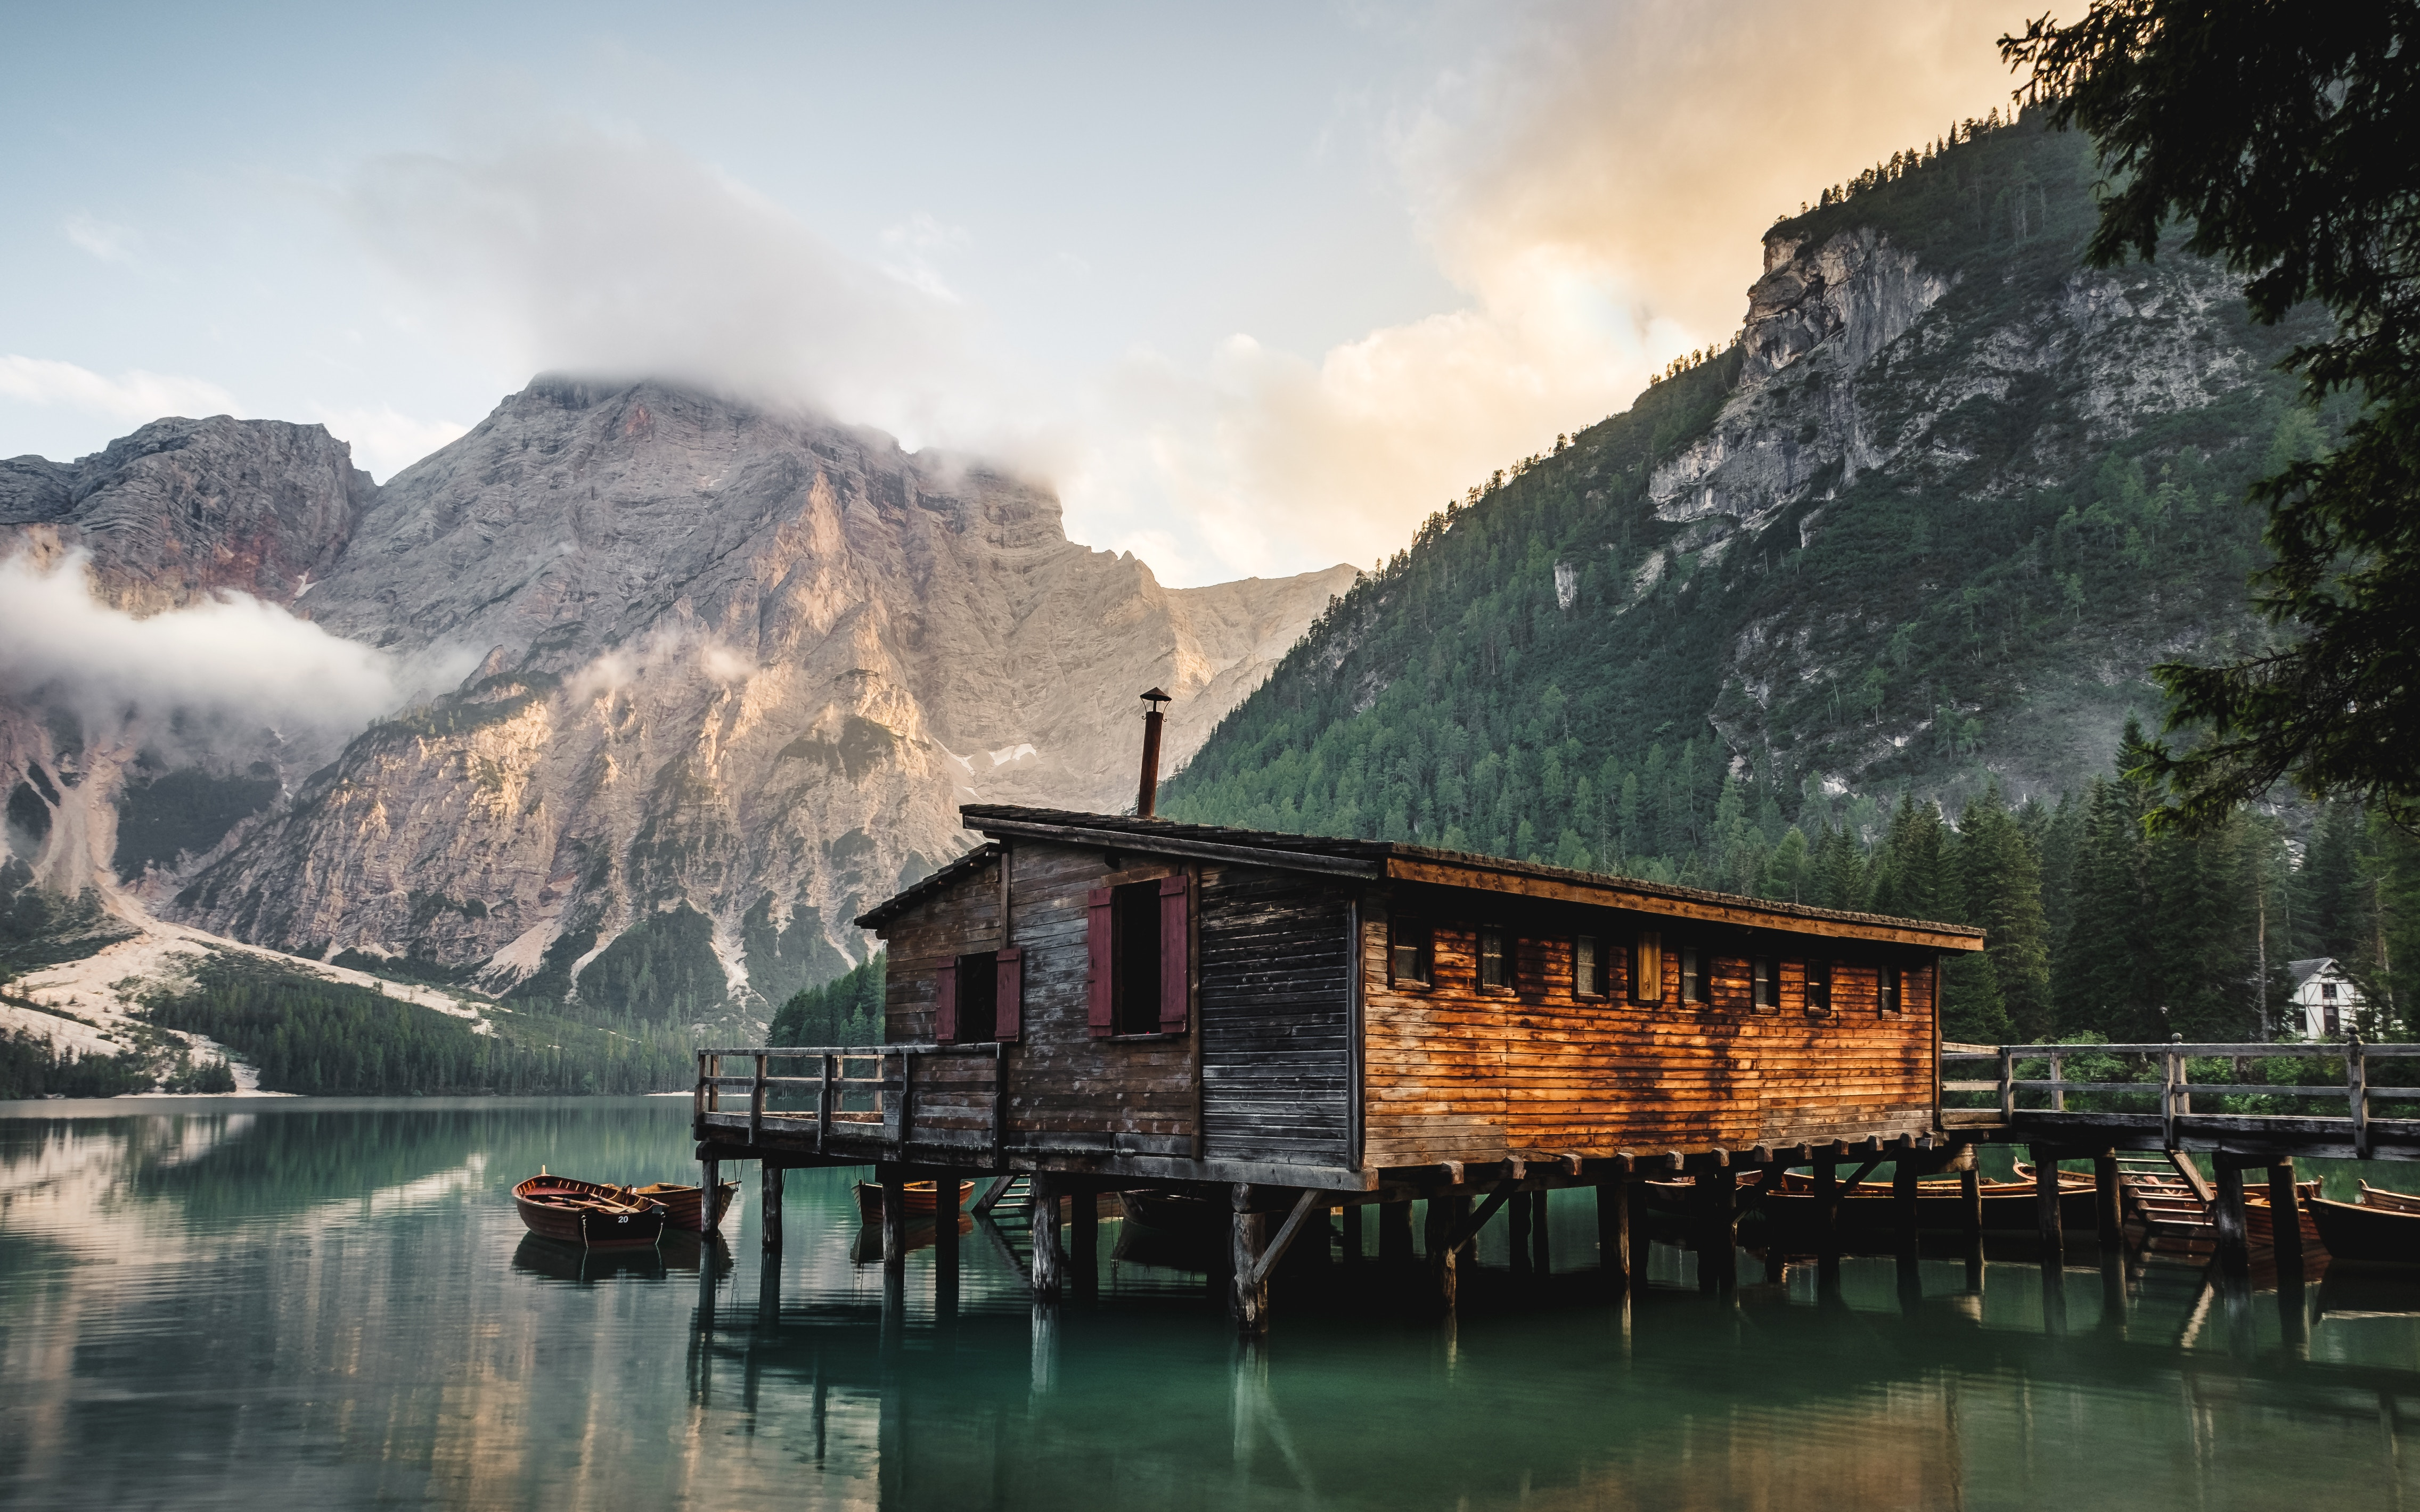 Casa sul lago di braies val pusteria montagna estate for Planimetrie della piccola casa sul lago